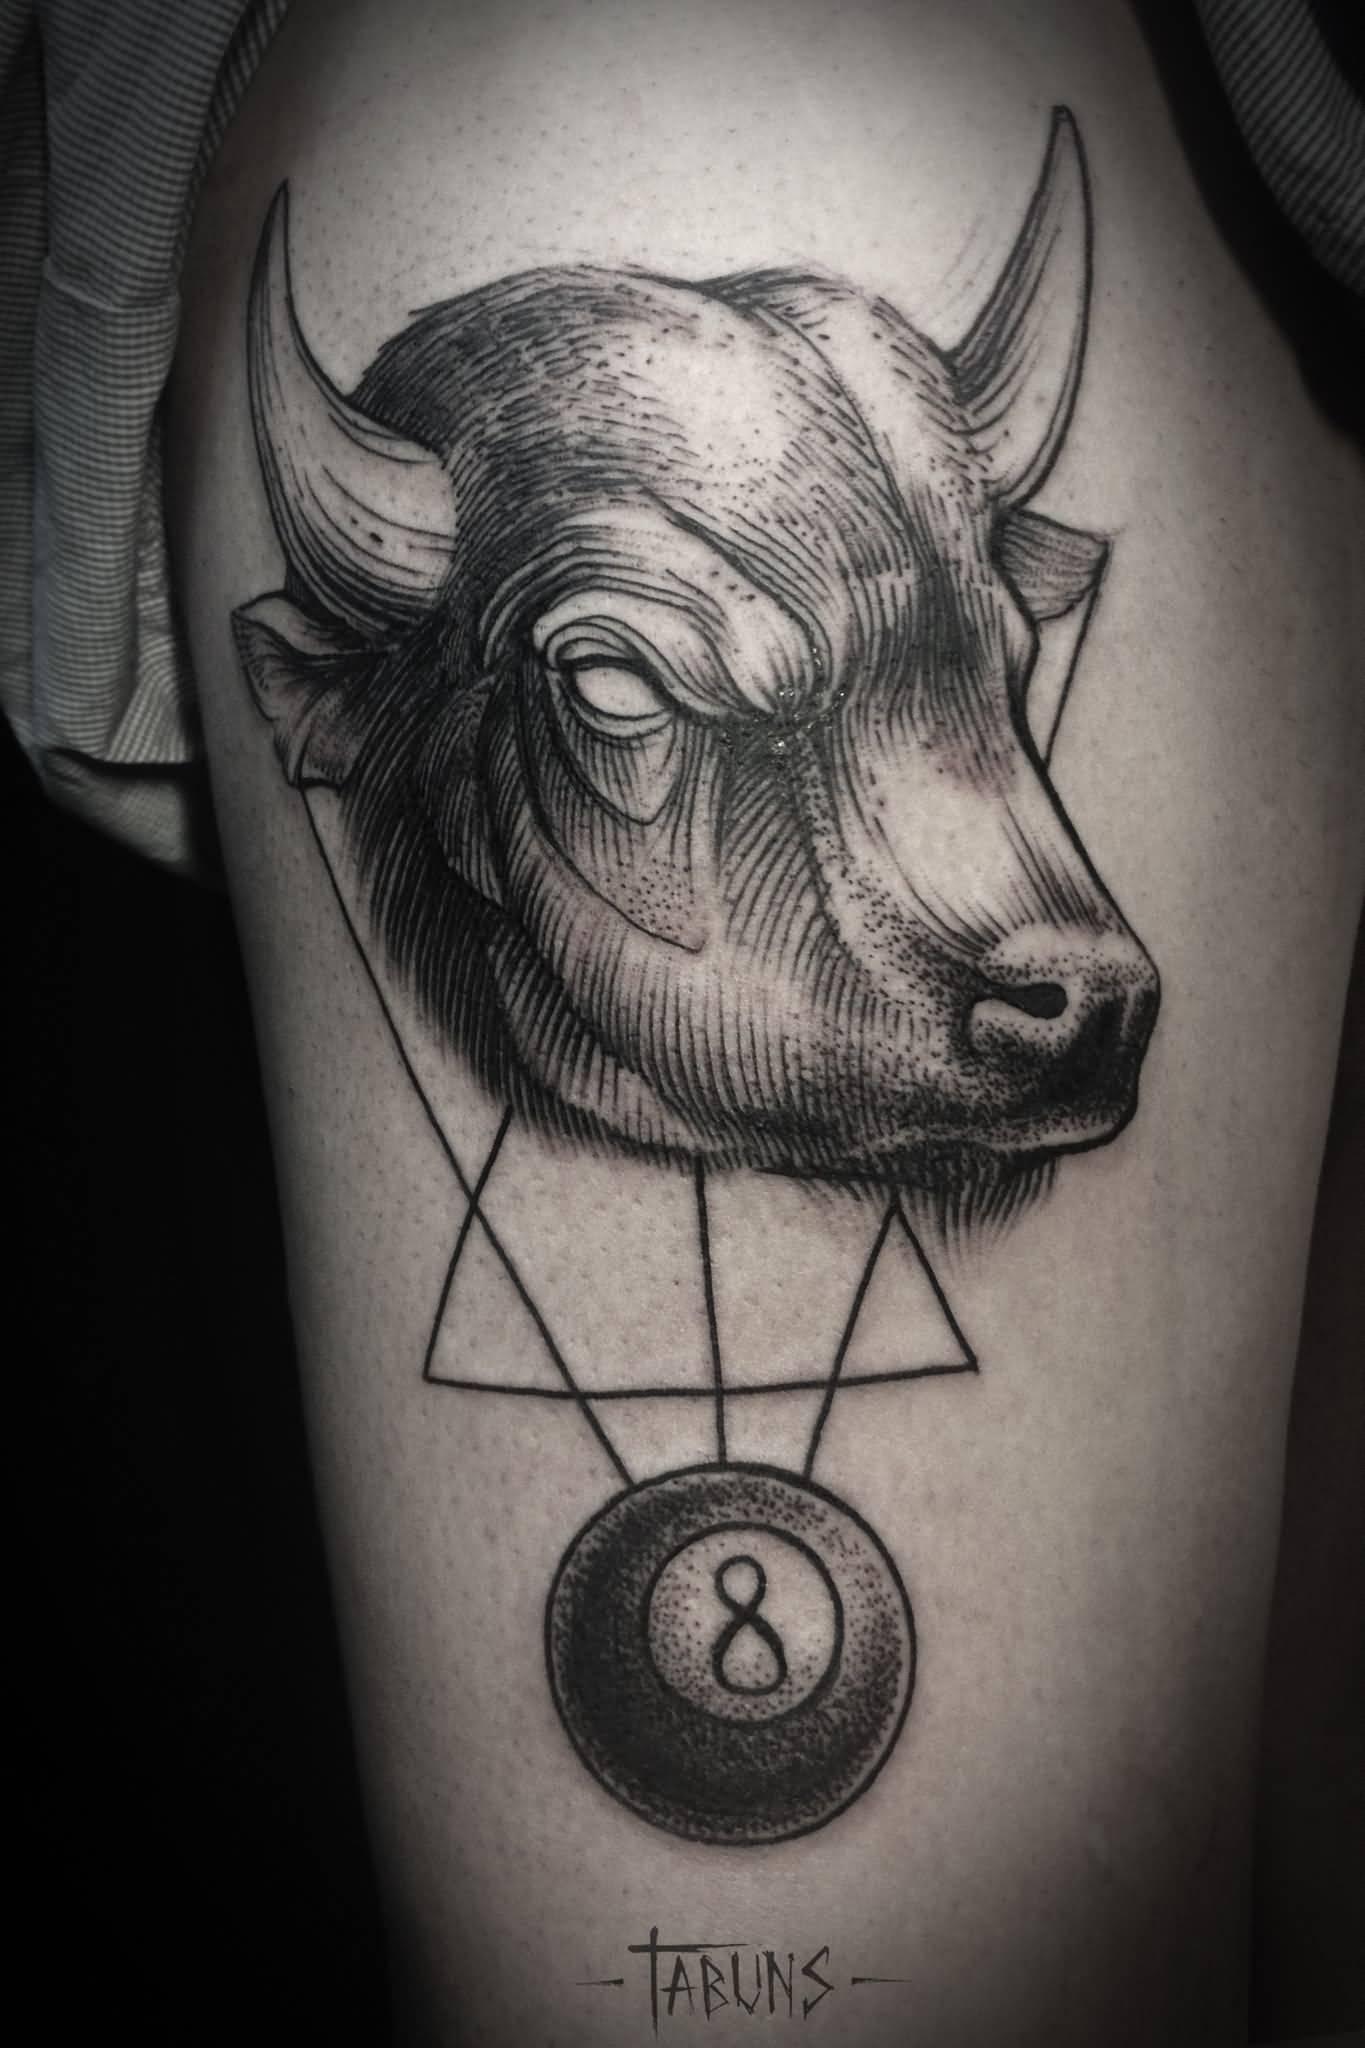 Geometric Eight Bull Tattoo By Alex Tabuns